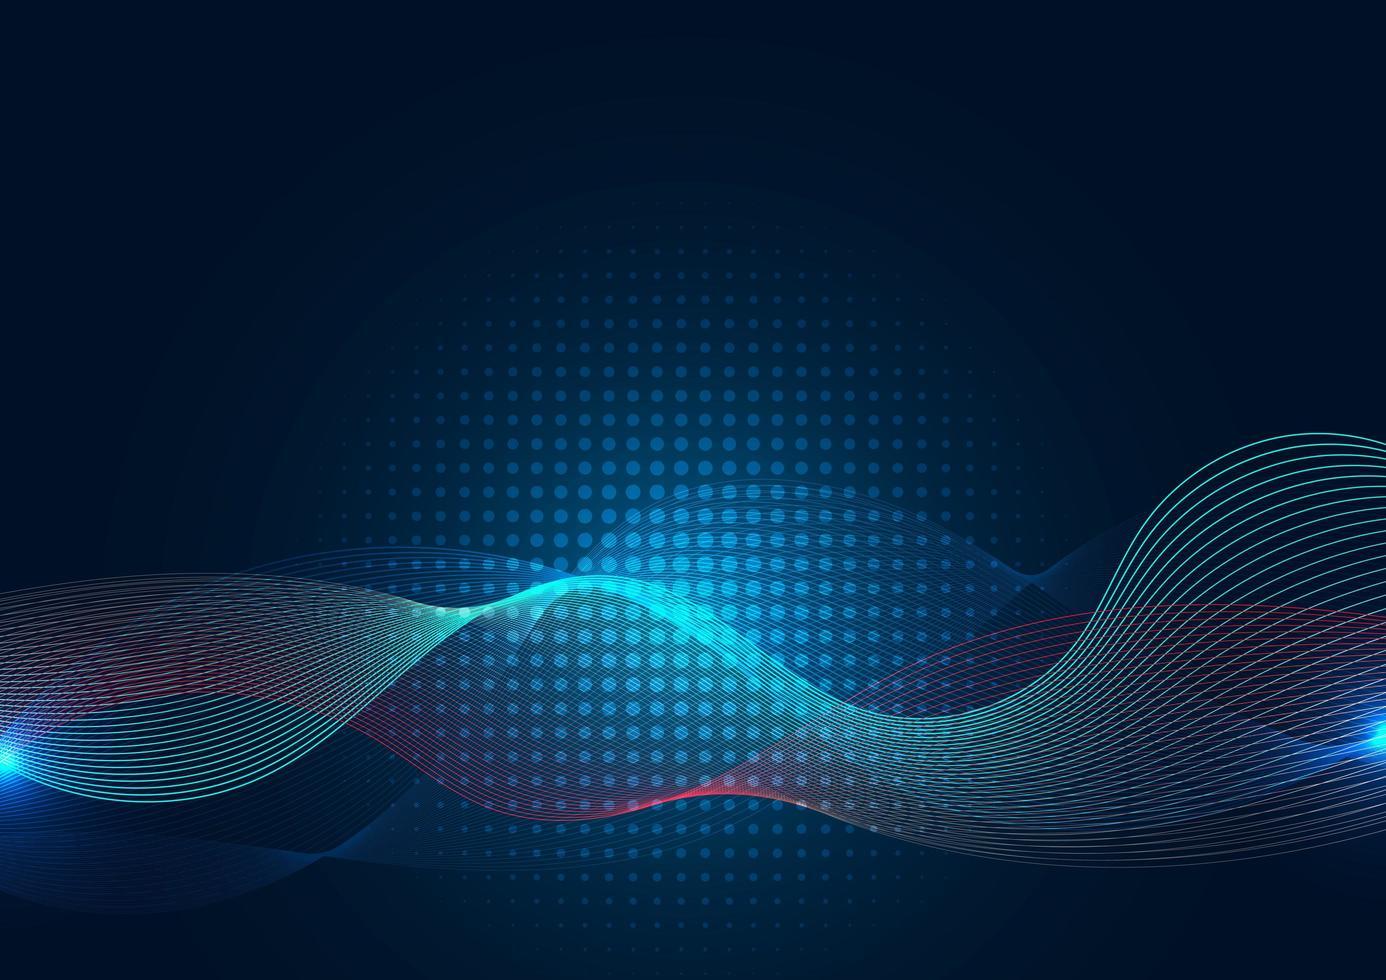 Línea de onda azul abstracta con semitono sobre fondo oscuro vector